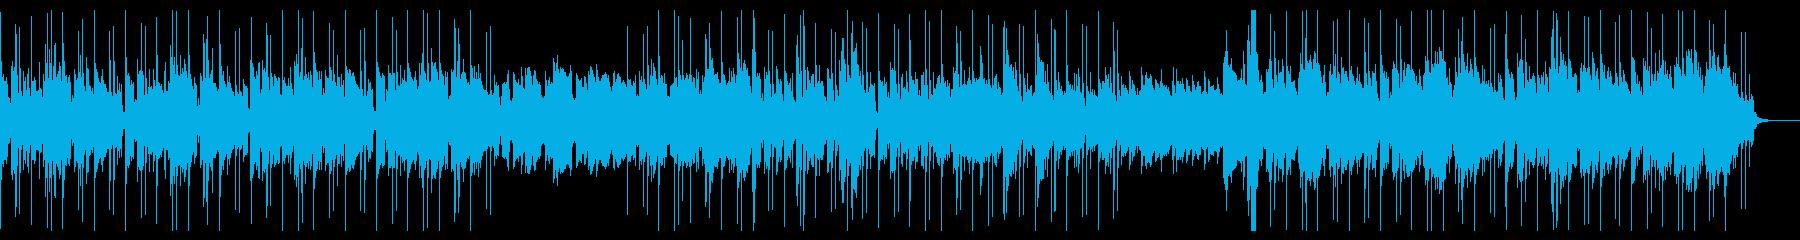 アコースティックギターのシティポップの再生済みの波形